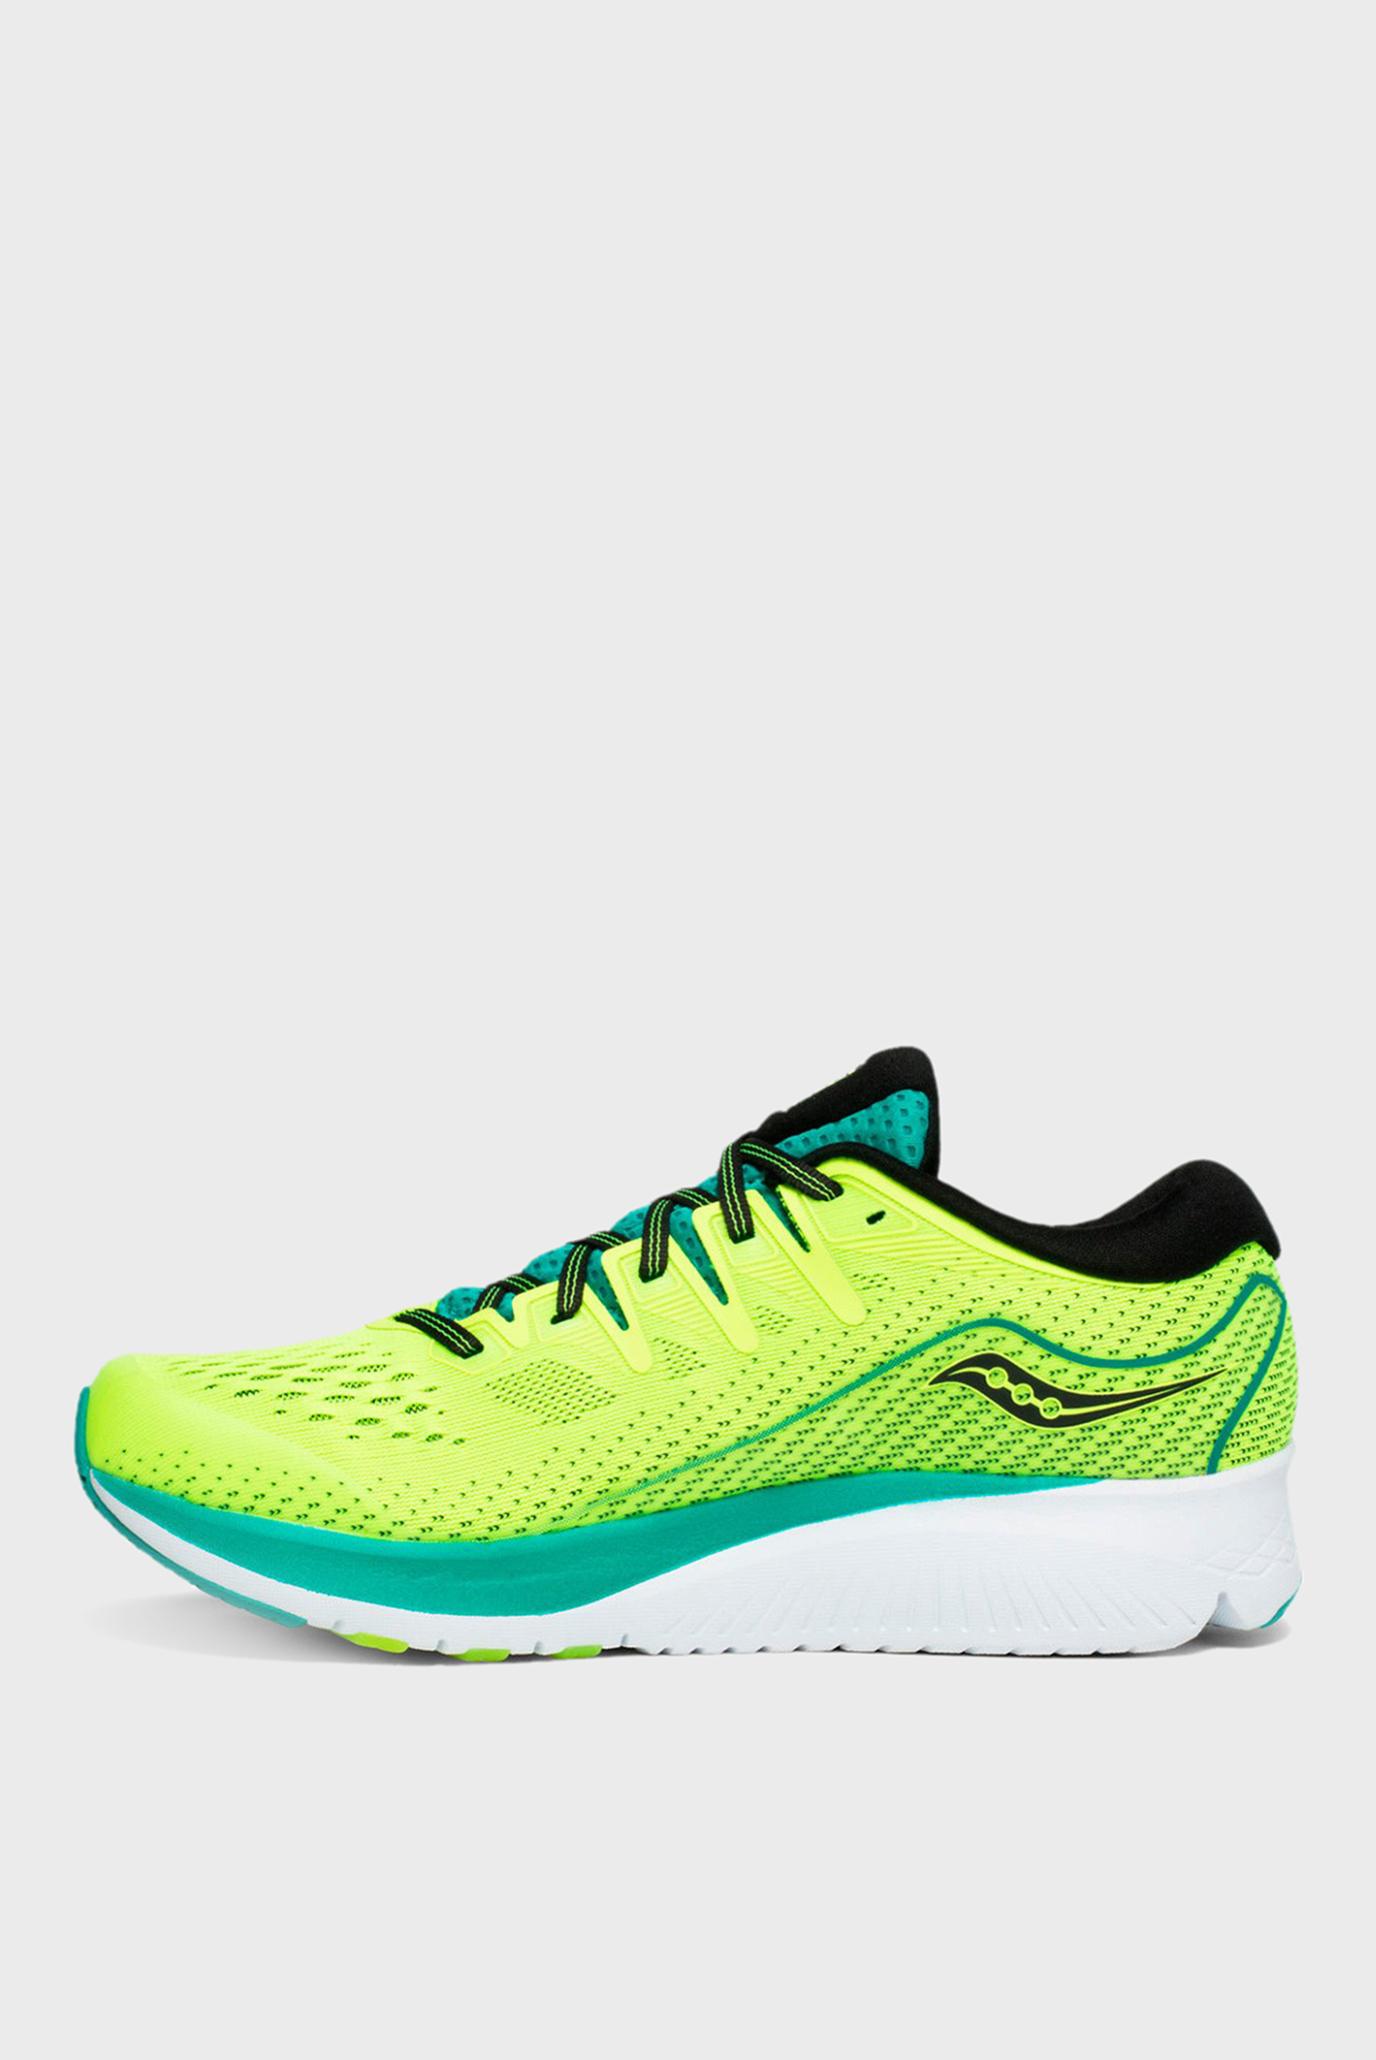 Купить Мужские желтые кроссовки RIDE ISO 2 Saucony Saucony 20514-36s – Киев, Украина. Цены в интернет магазине MD Fashion